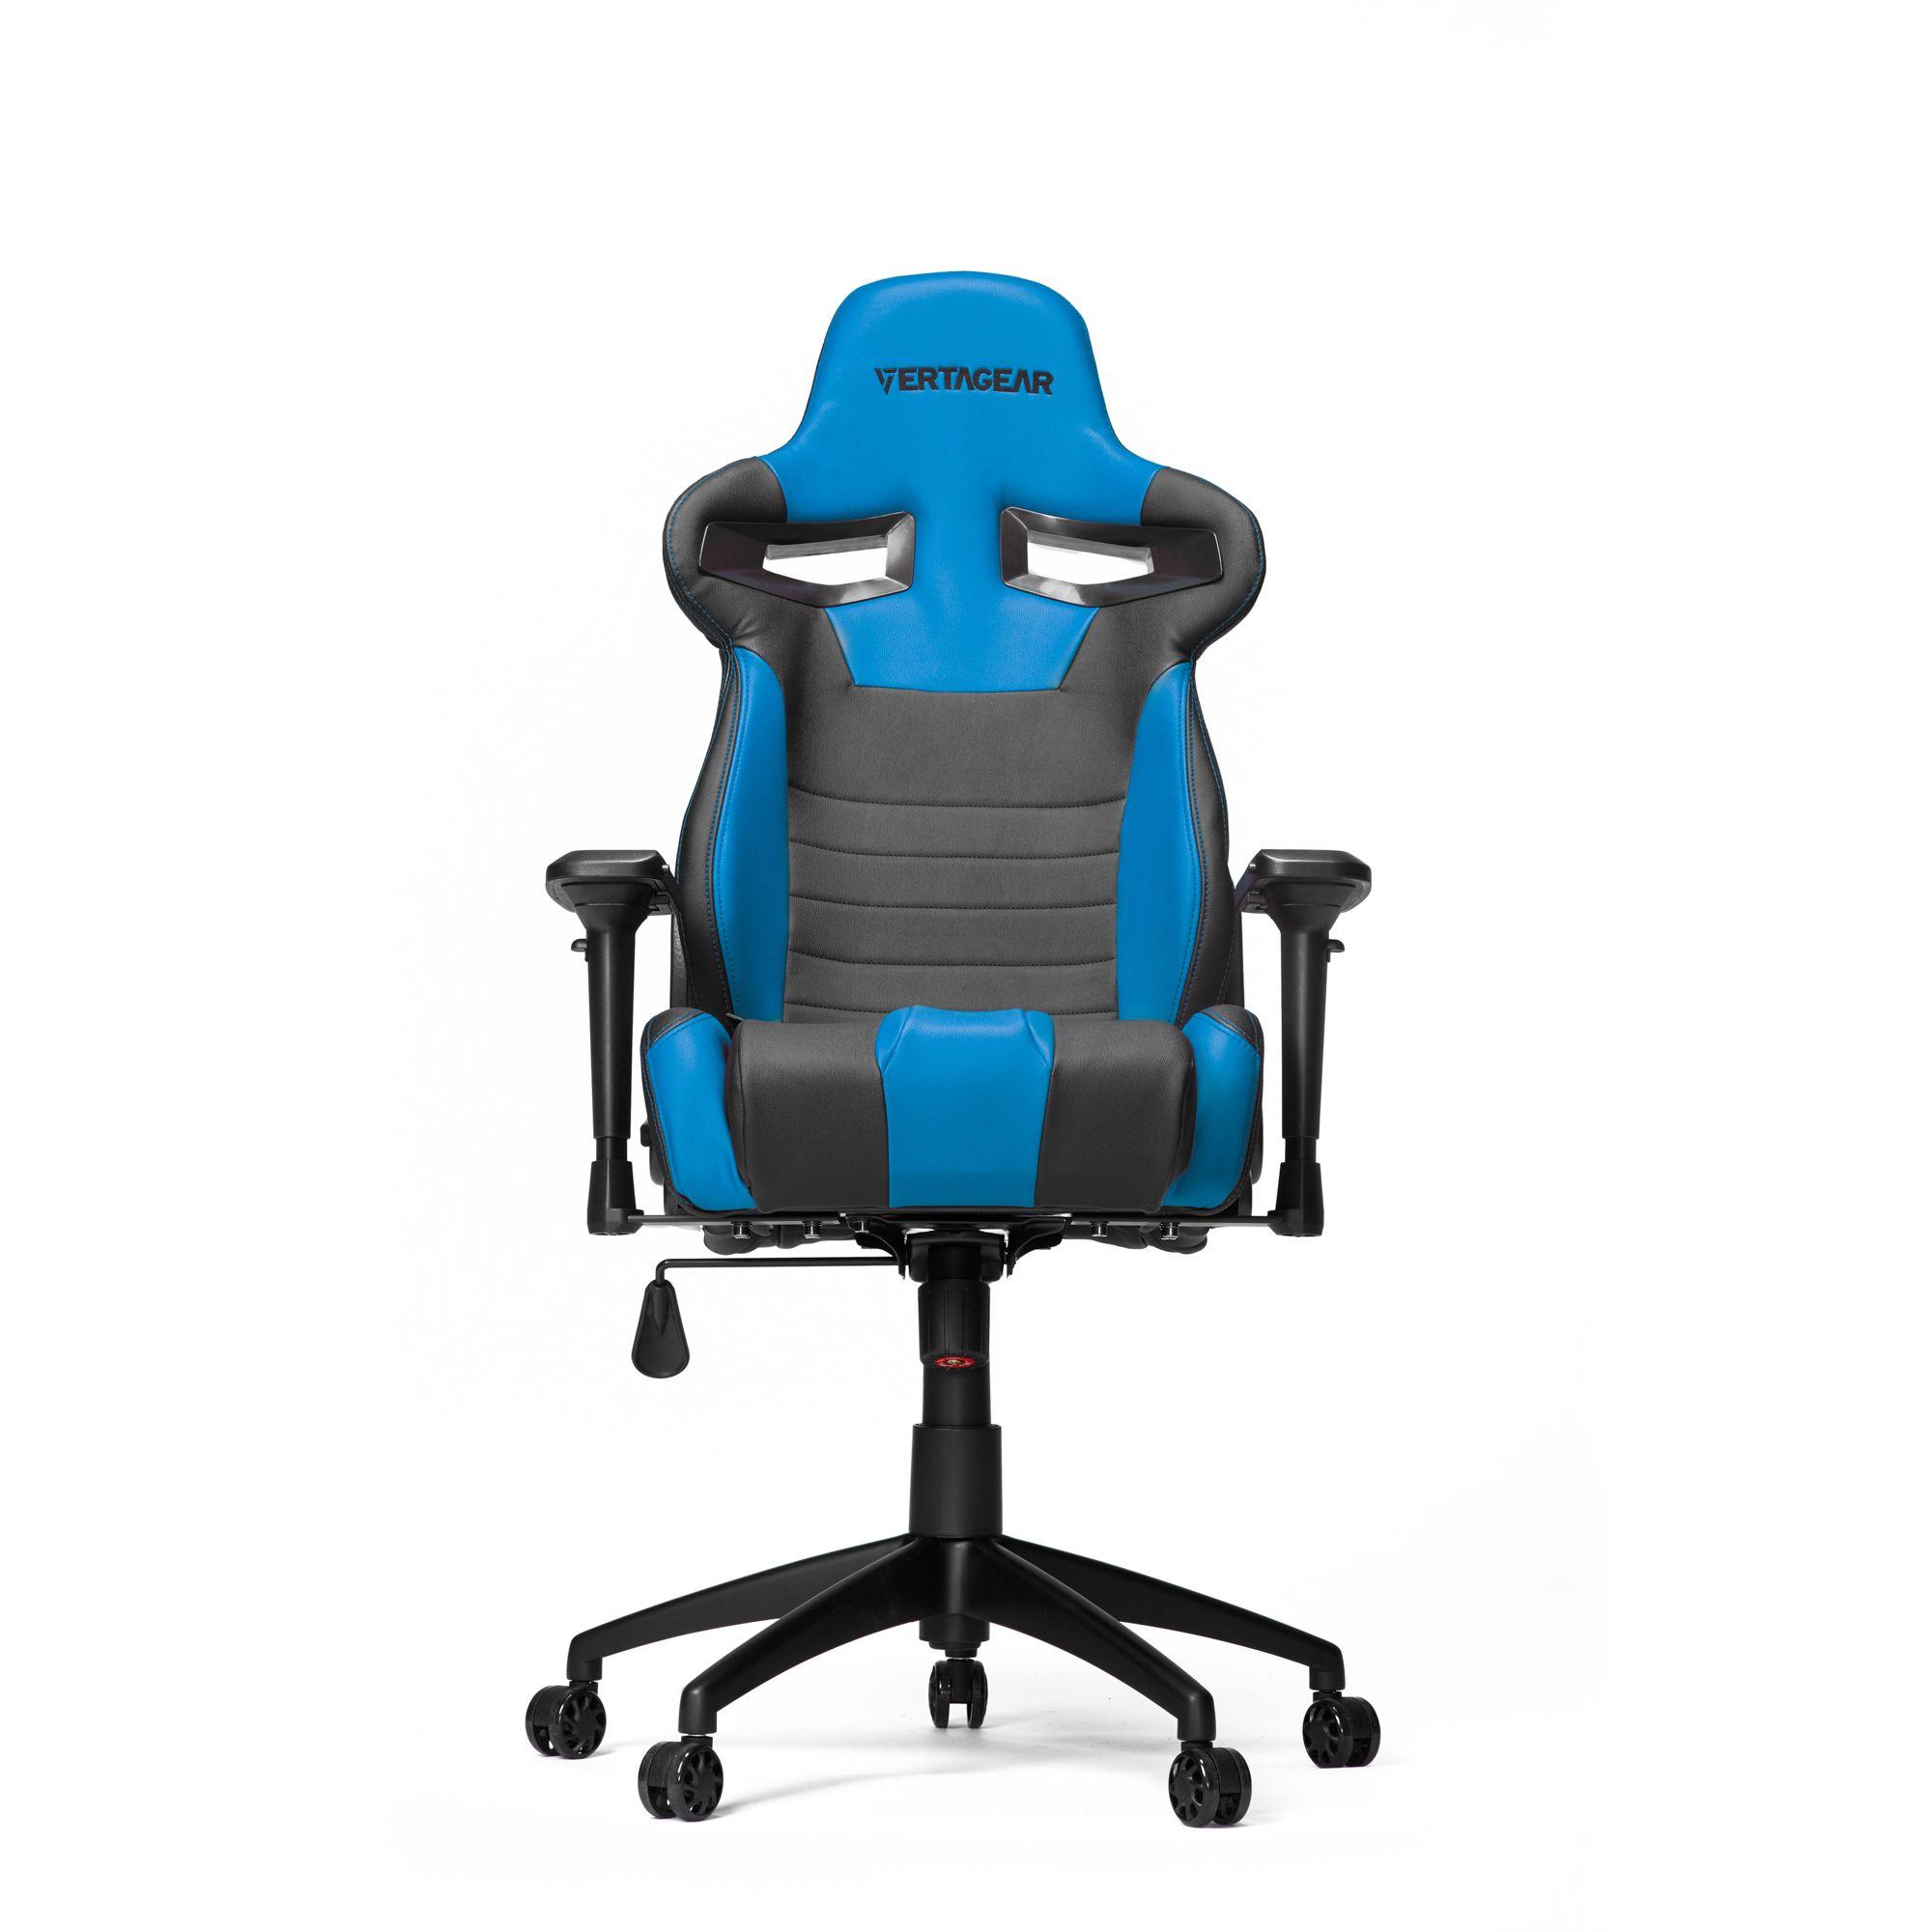 VERTAGEAR SL4000 Blue Gaming chair, Gamer chair, Pc